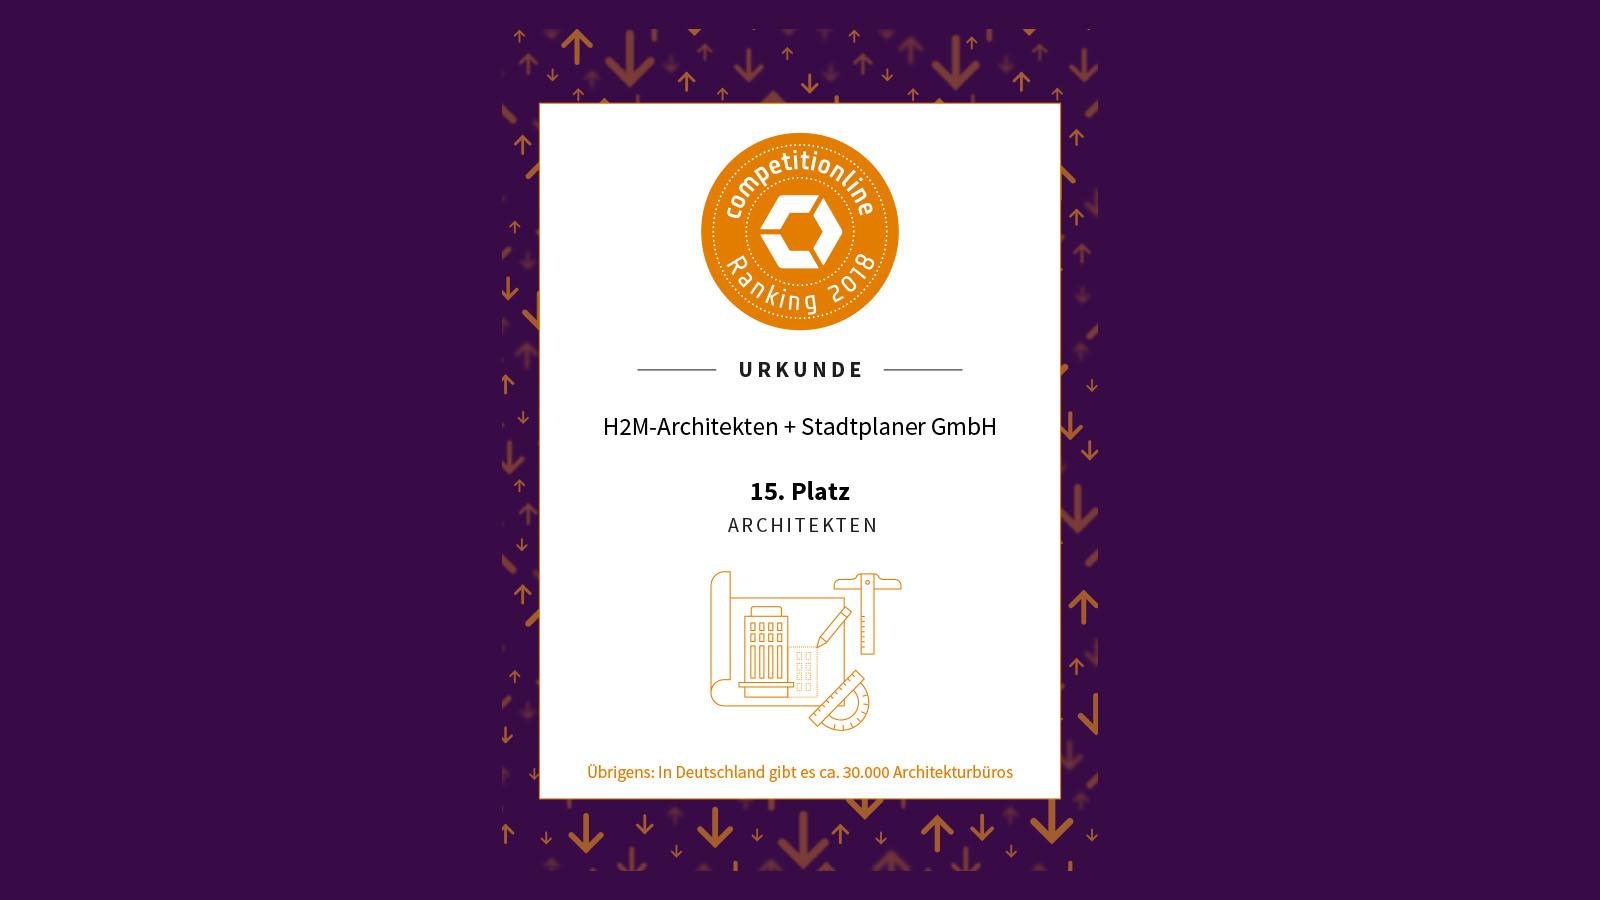 competitionline-ranking-2018-h2m-architekten-urkunde-homepage